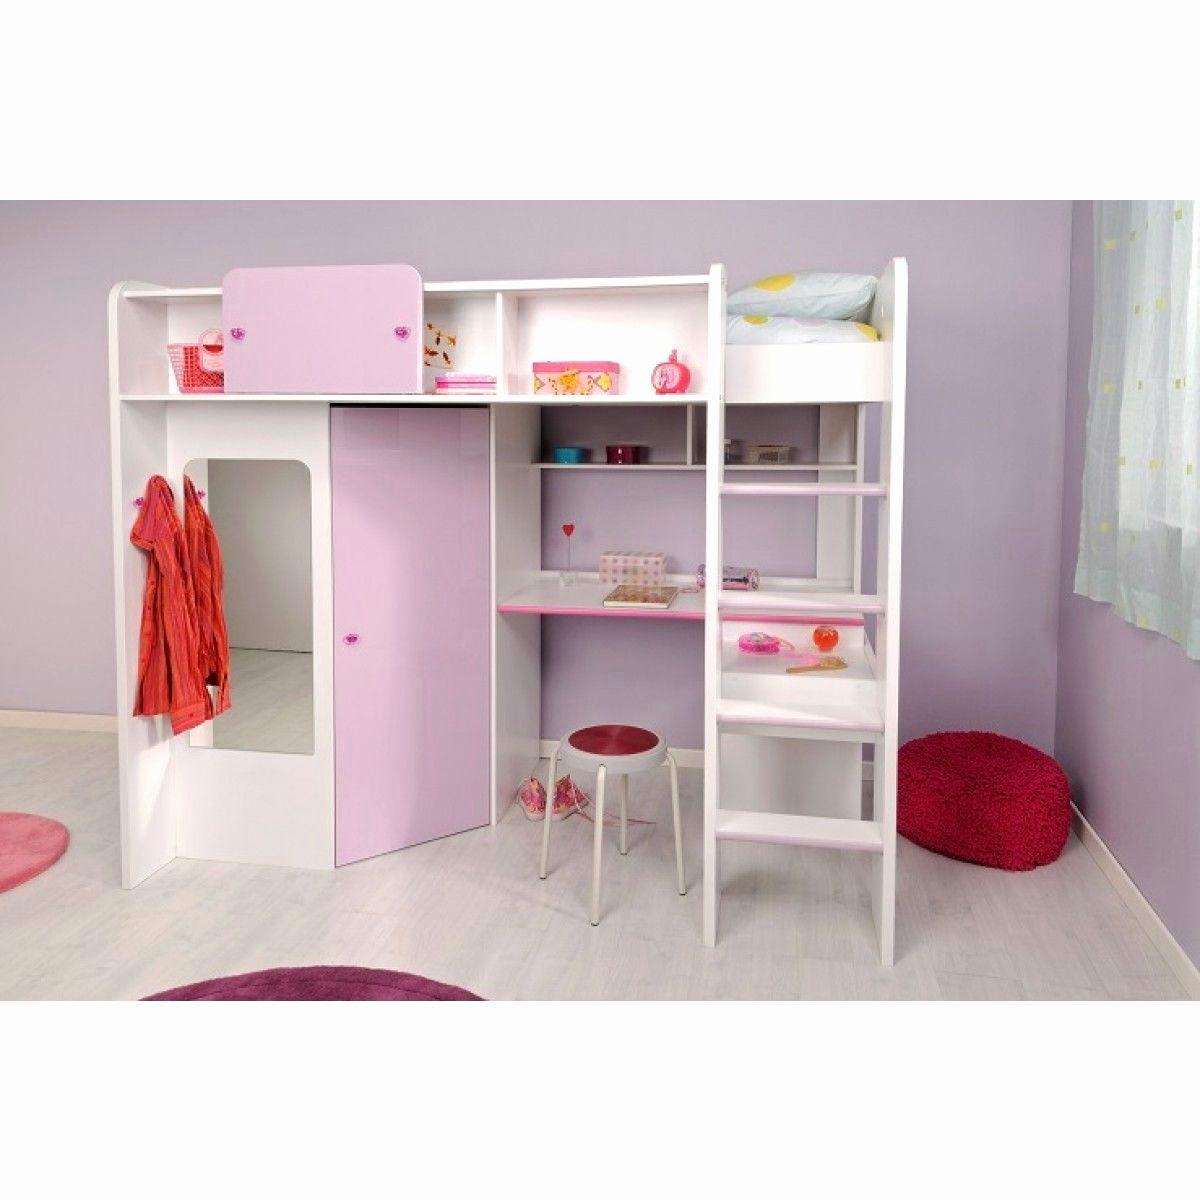 Lit Mezzanine 1 Place Avec Bureau Magnifique Lit Mezzanine 1 Place Avec Bureau Lit Mezzanine Avec Rangement Beau